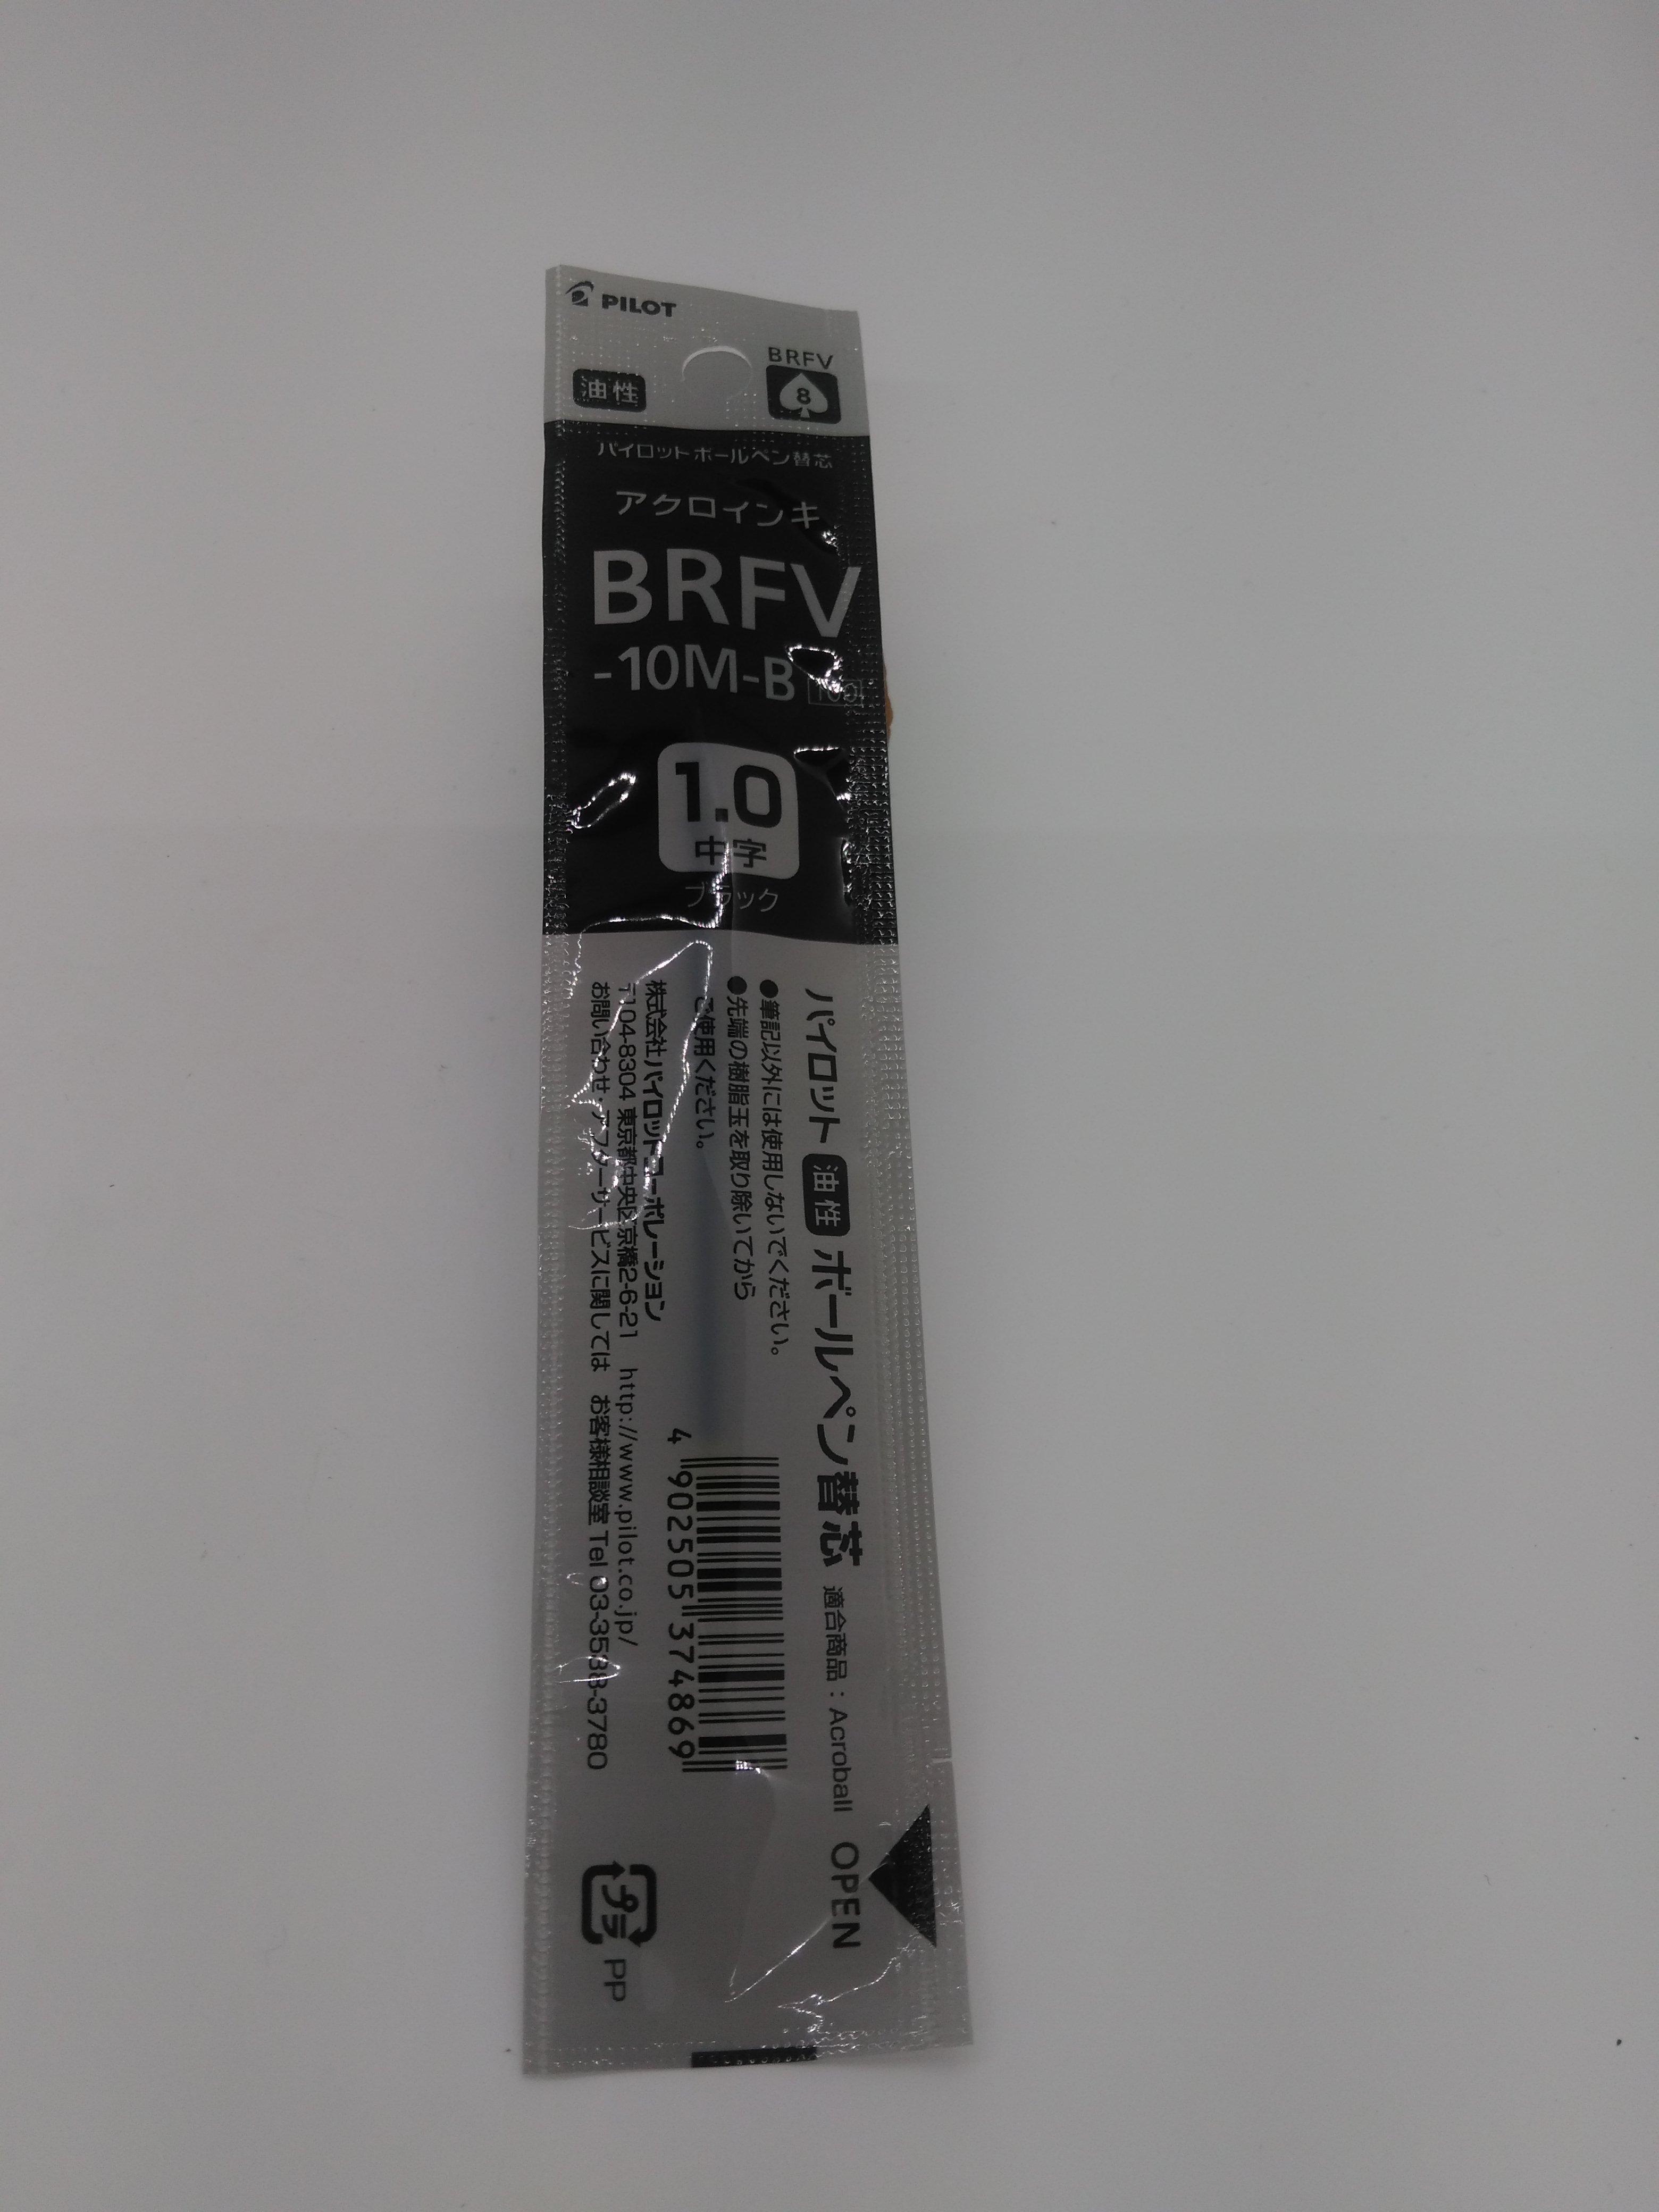 パイロット 油性ボールペン1.0mm替芯 黒 BRFV10MB